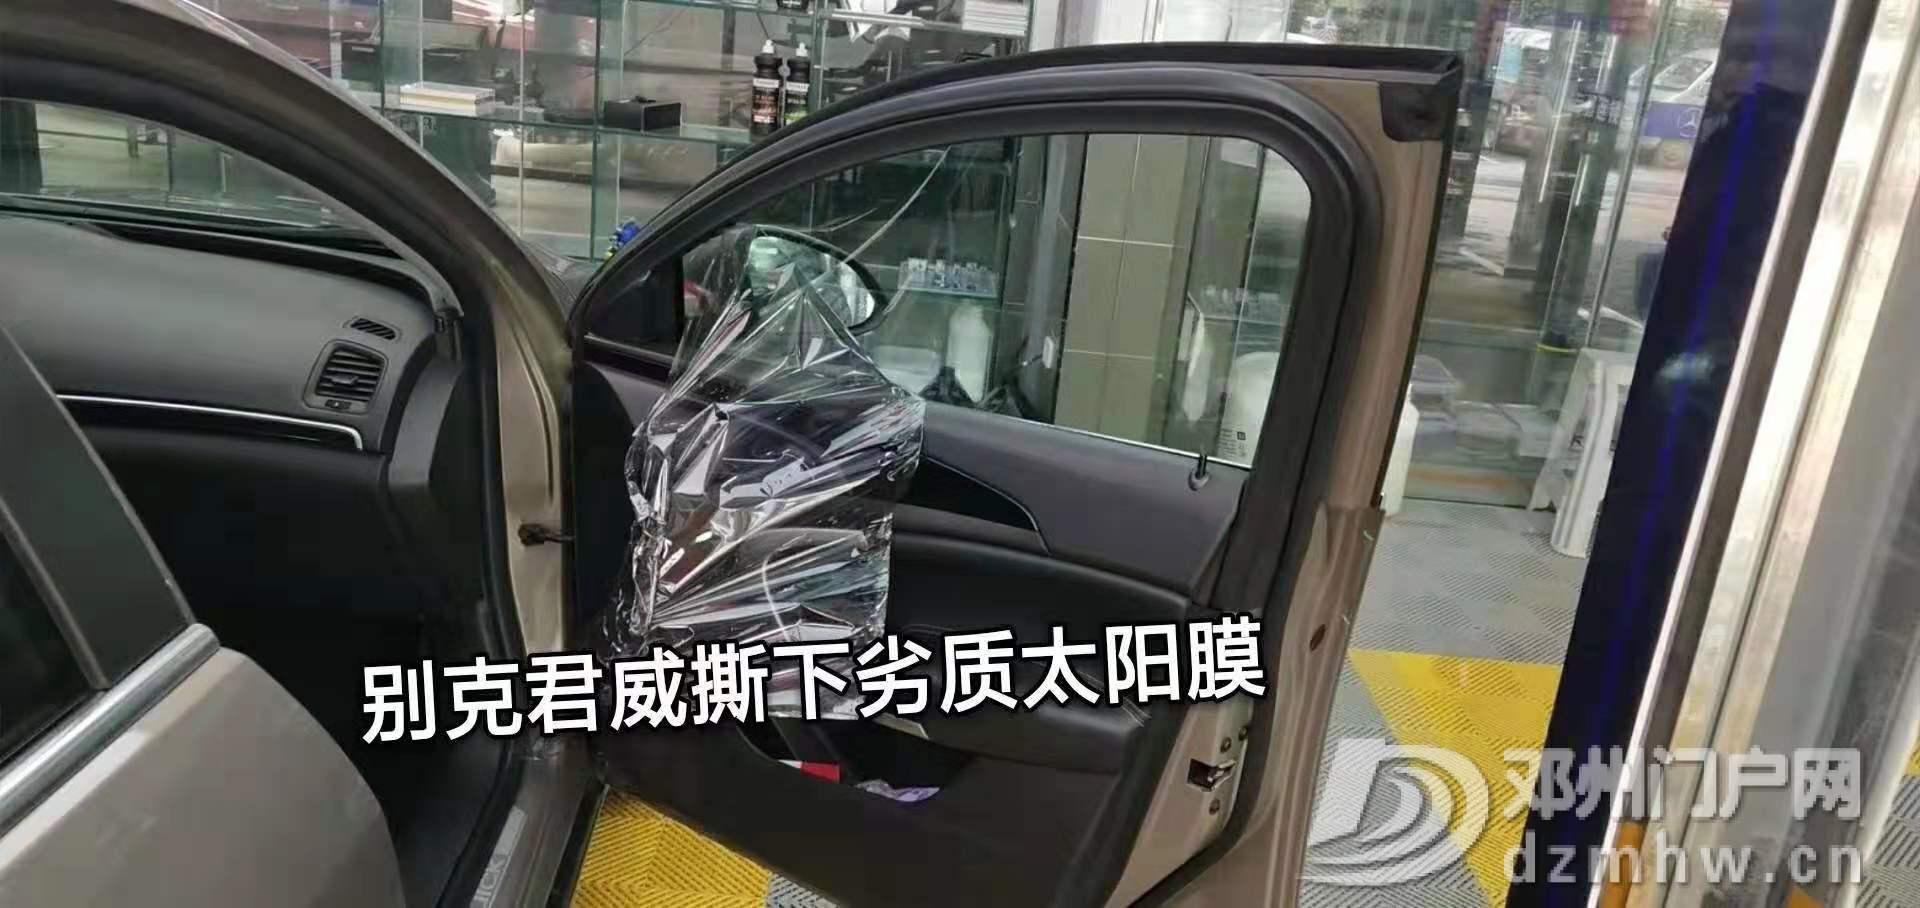 37度的高温烈日下开车,如何做到放热、防晒、防紫外线啦? - 邓州门户网|邓州网 - 微信图片_20190729104241.jpg